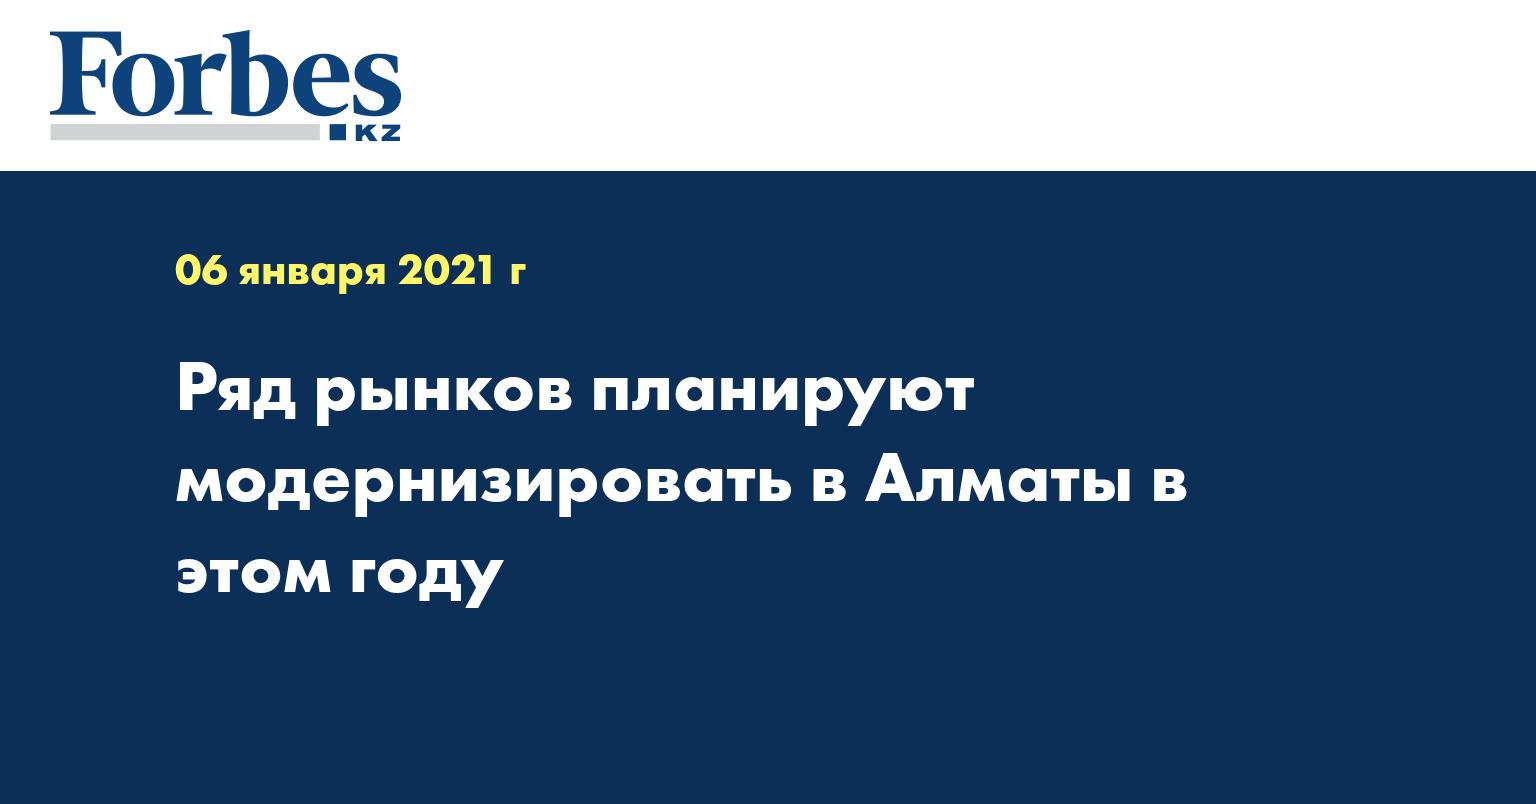 Ряд рынков планируют модернизировать в Алматы в этом году